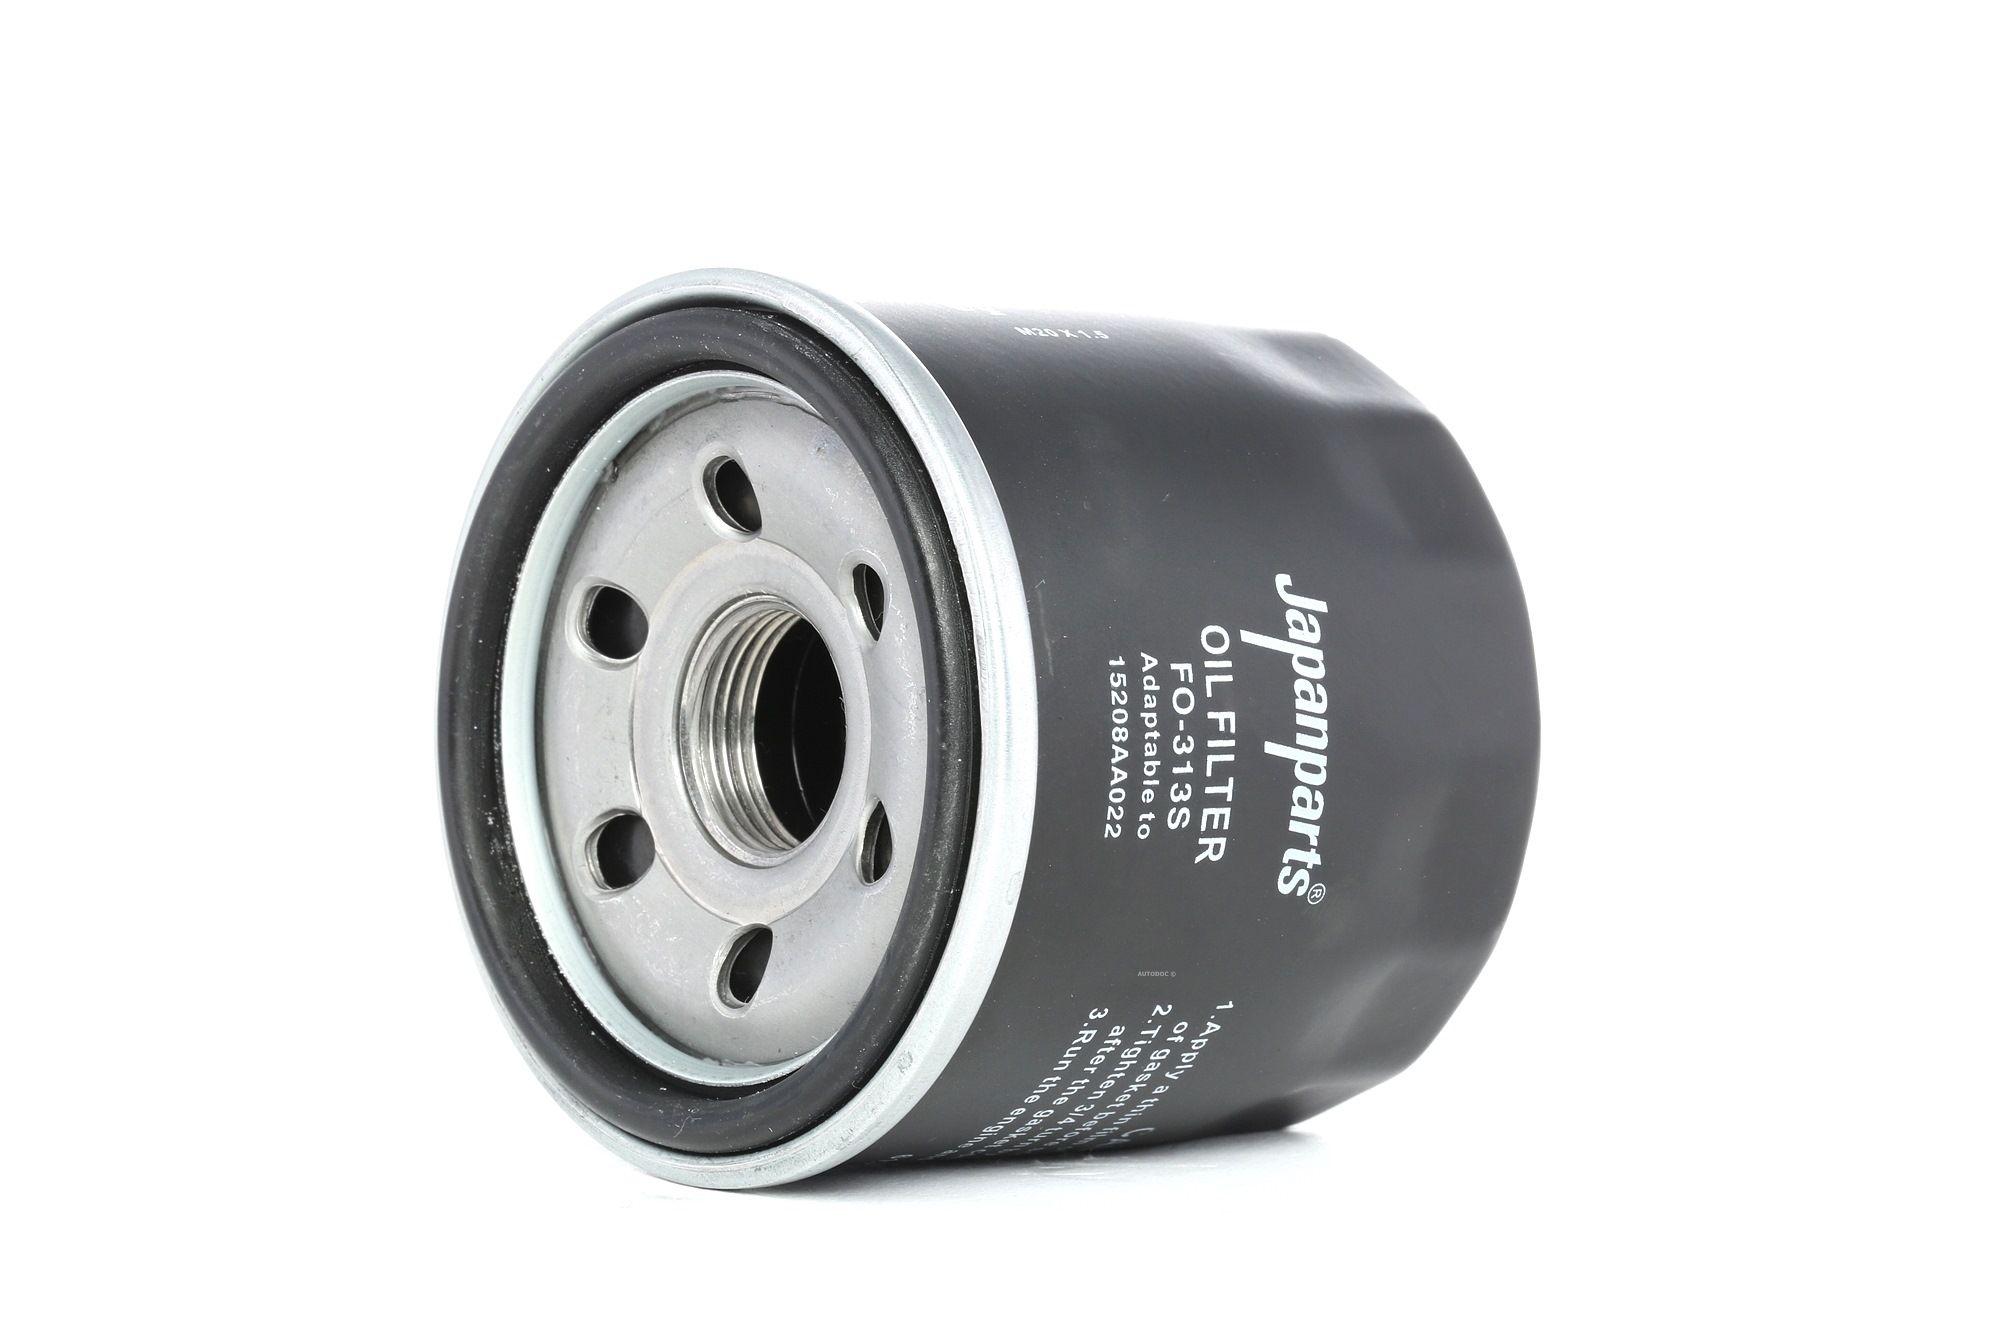 MAZDA 1000 Ersatzteile: Ölfilter FO-313S > Niedrige Preise - Jetzt kaufen!